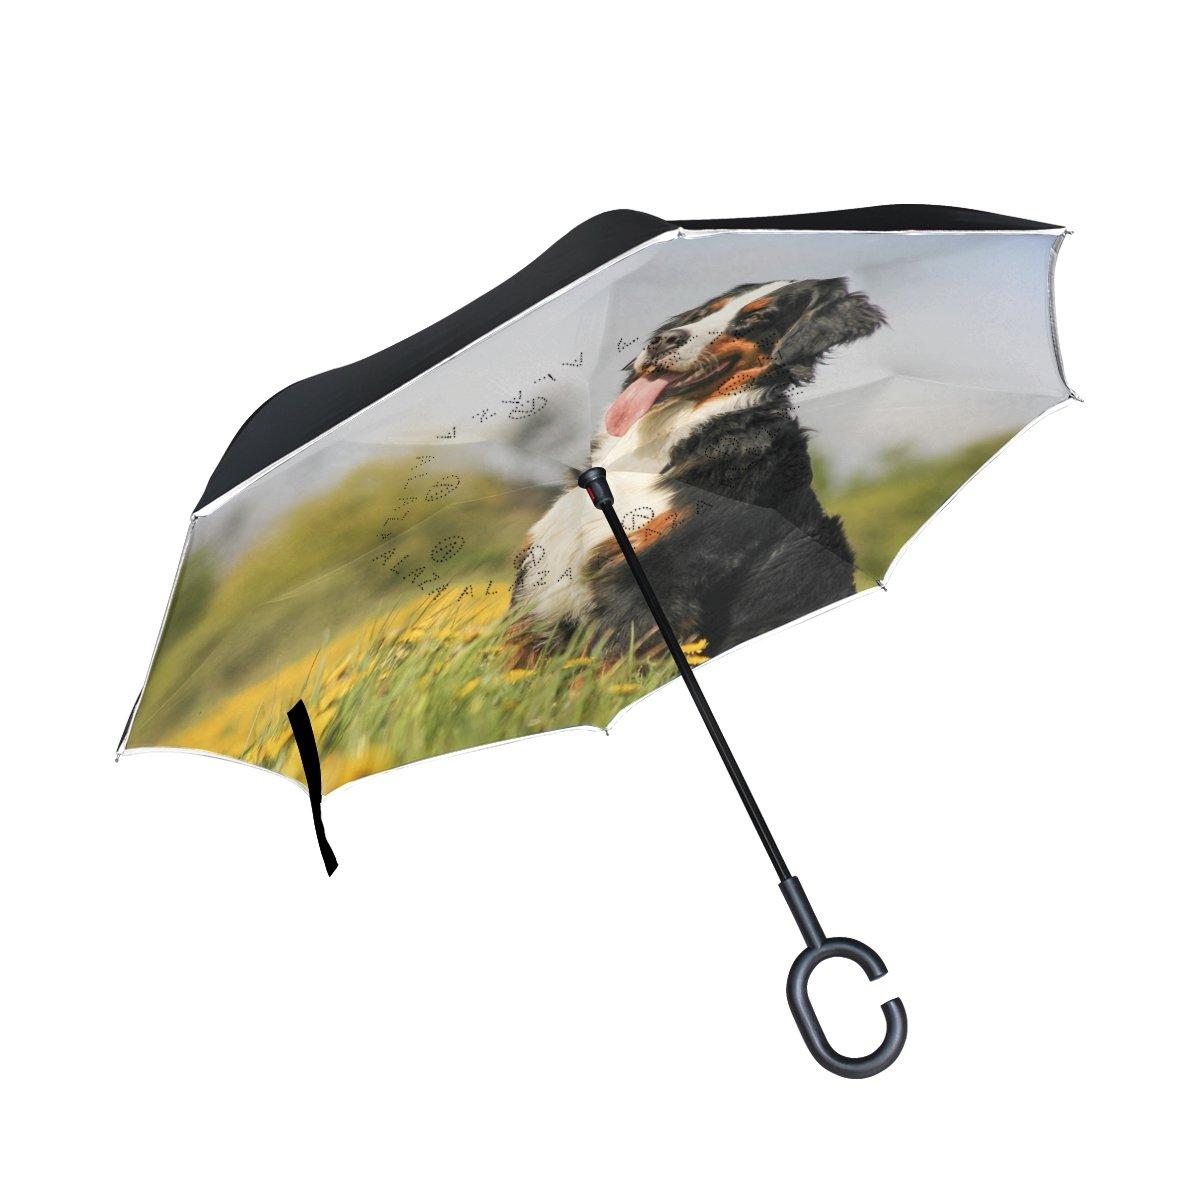 My Daily Paraguas invertido Doble Capa para Coches, Paraguas de Montañ a de Bernesa, para Perro, Flores, Campos, Resistente al Viento, Resistente a los Rayos UV, Paraguas de Viaje al Aire Libre Paraguas de Montaña de Bernesa